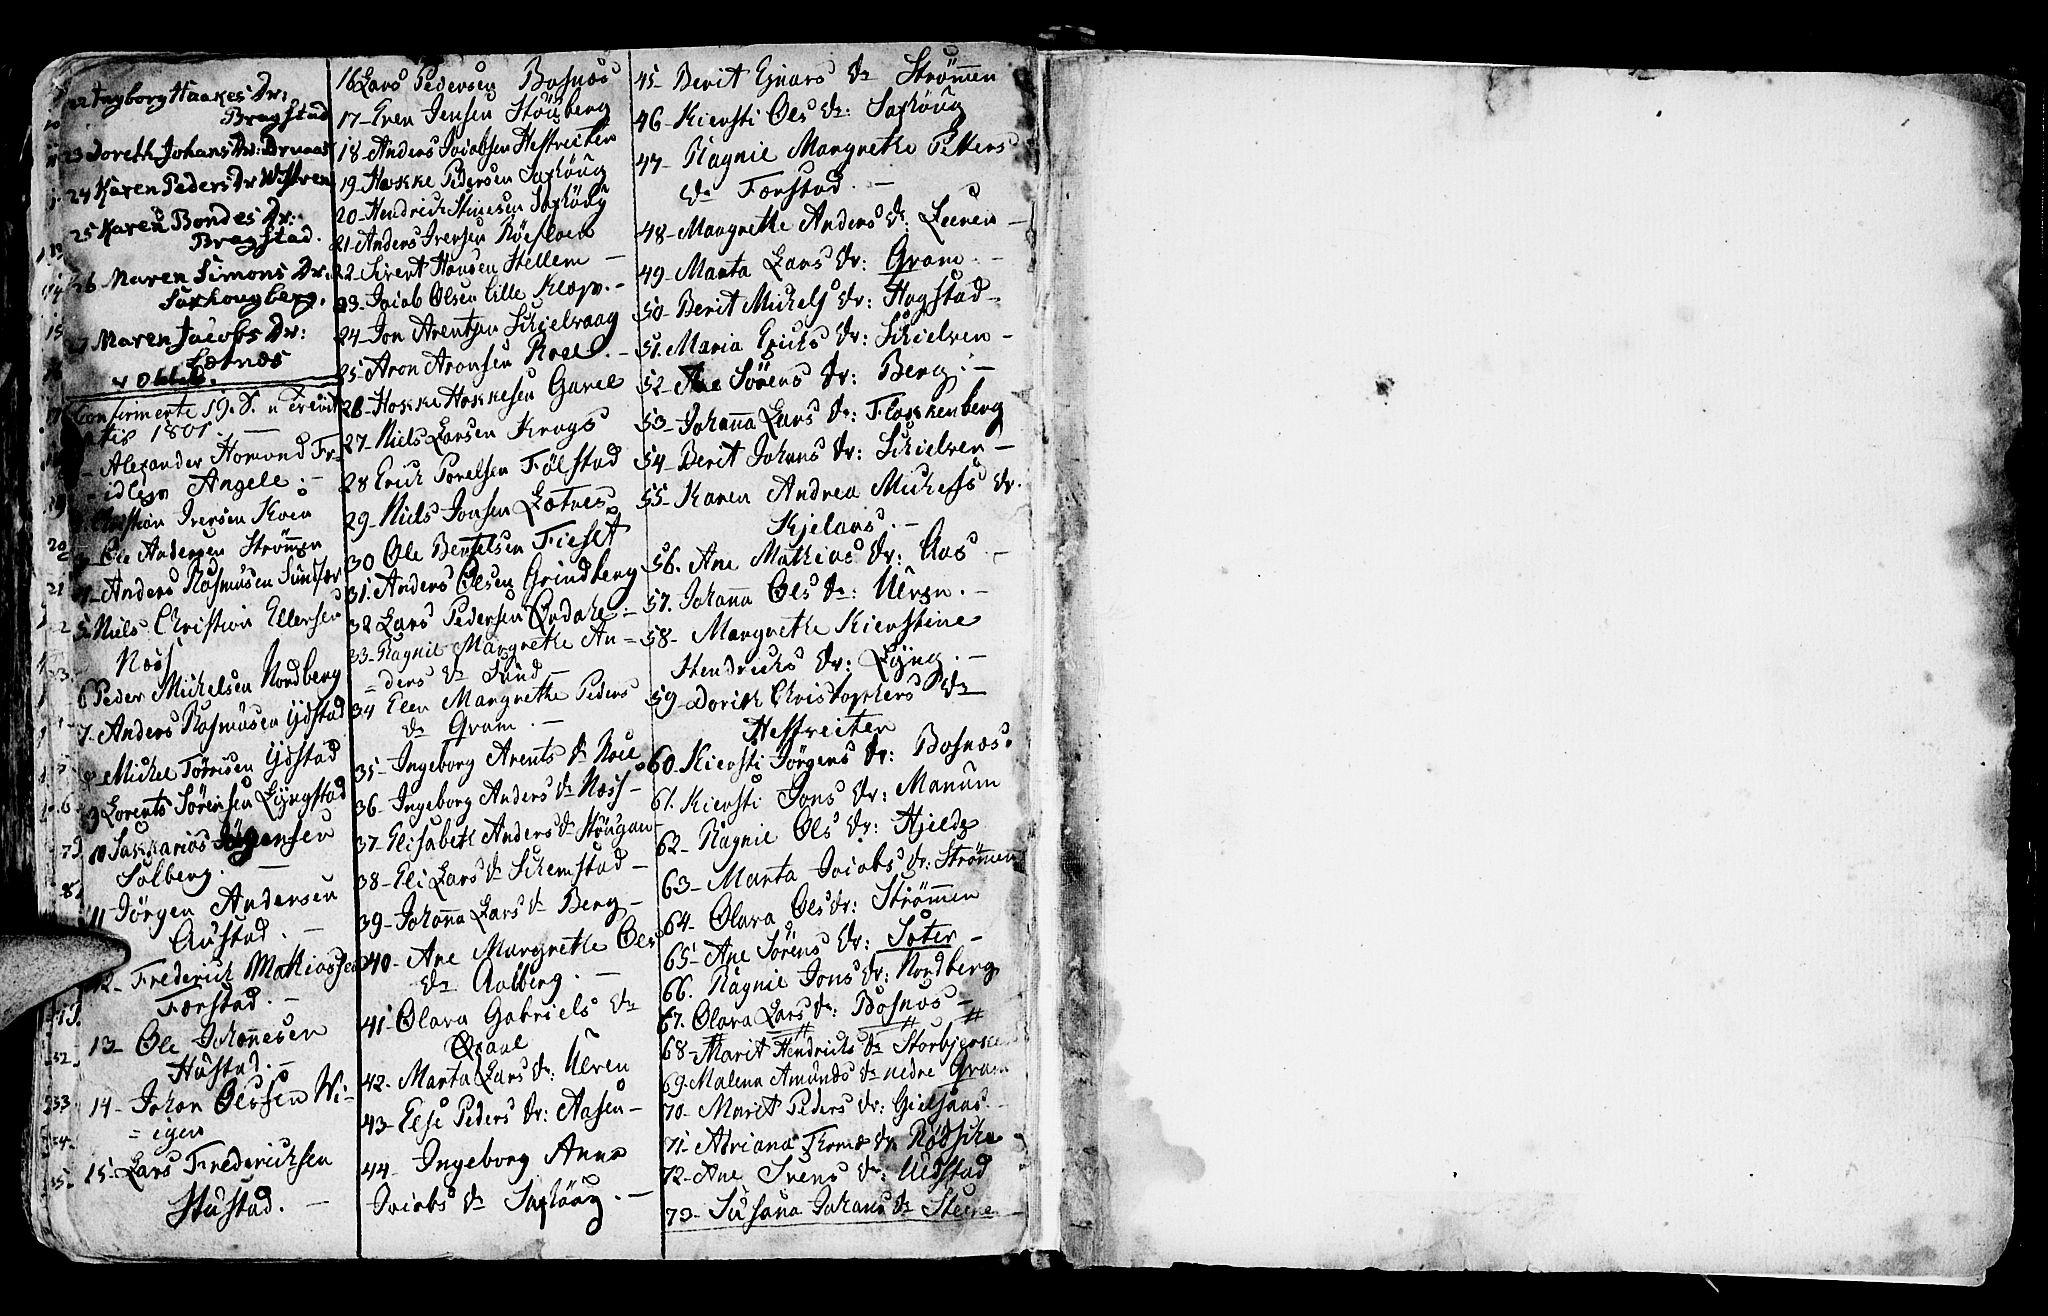 SAT, Ministerialprotokoller, klokkerbøker og fødselsregistre - Nord-Trøndelag, 730/L0273: Ministerialbok nr. 730A02, 1762-1802, s. 231